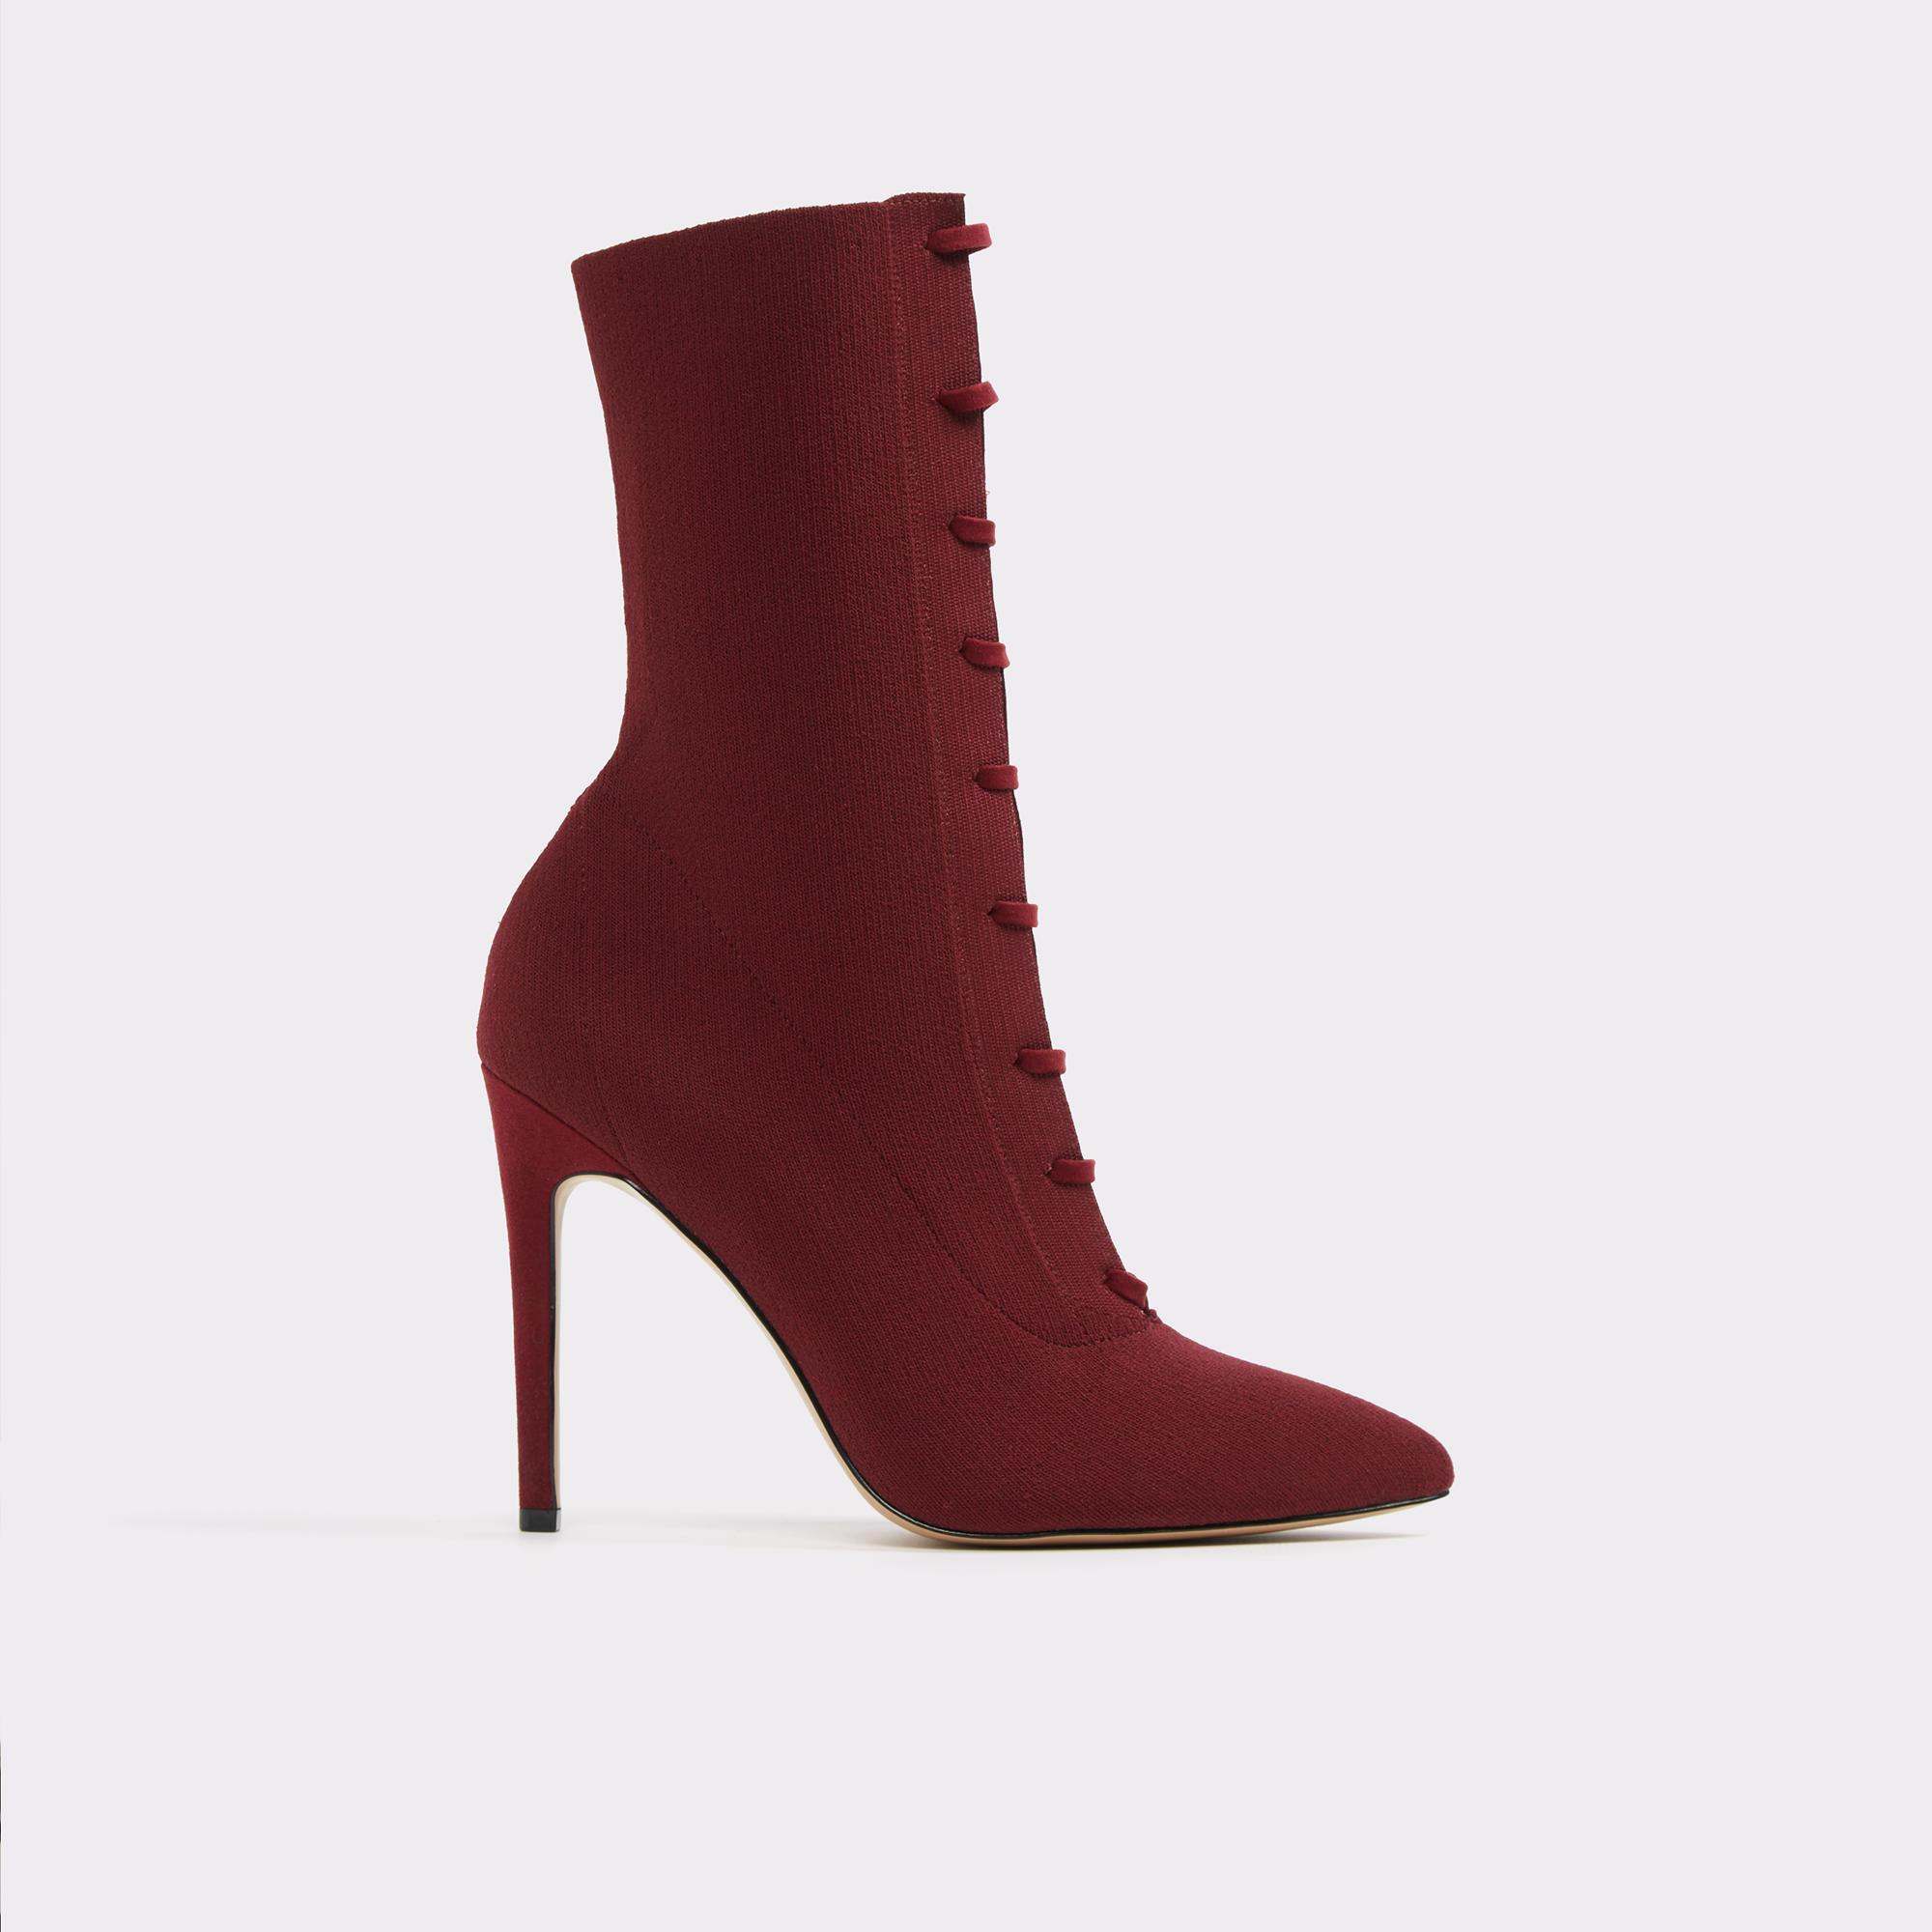 Miassa Bordeaux Dress Boots | Hermosaz